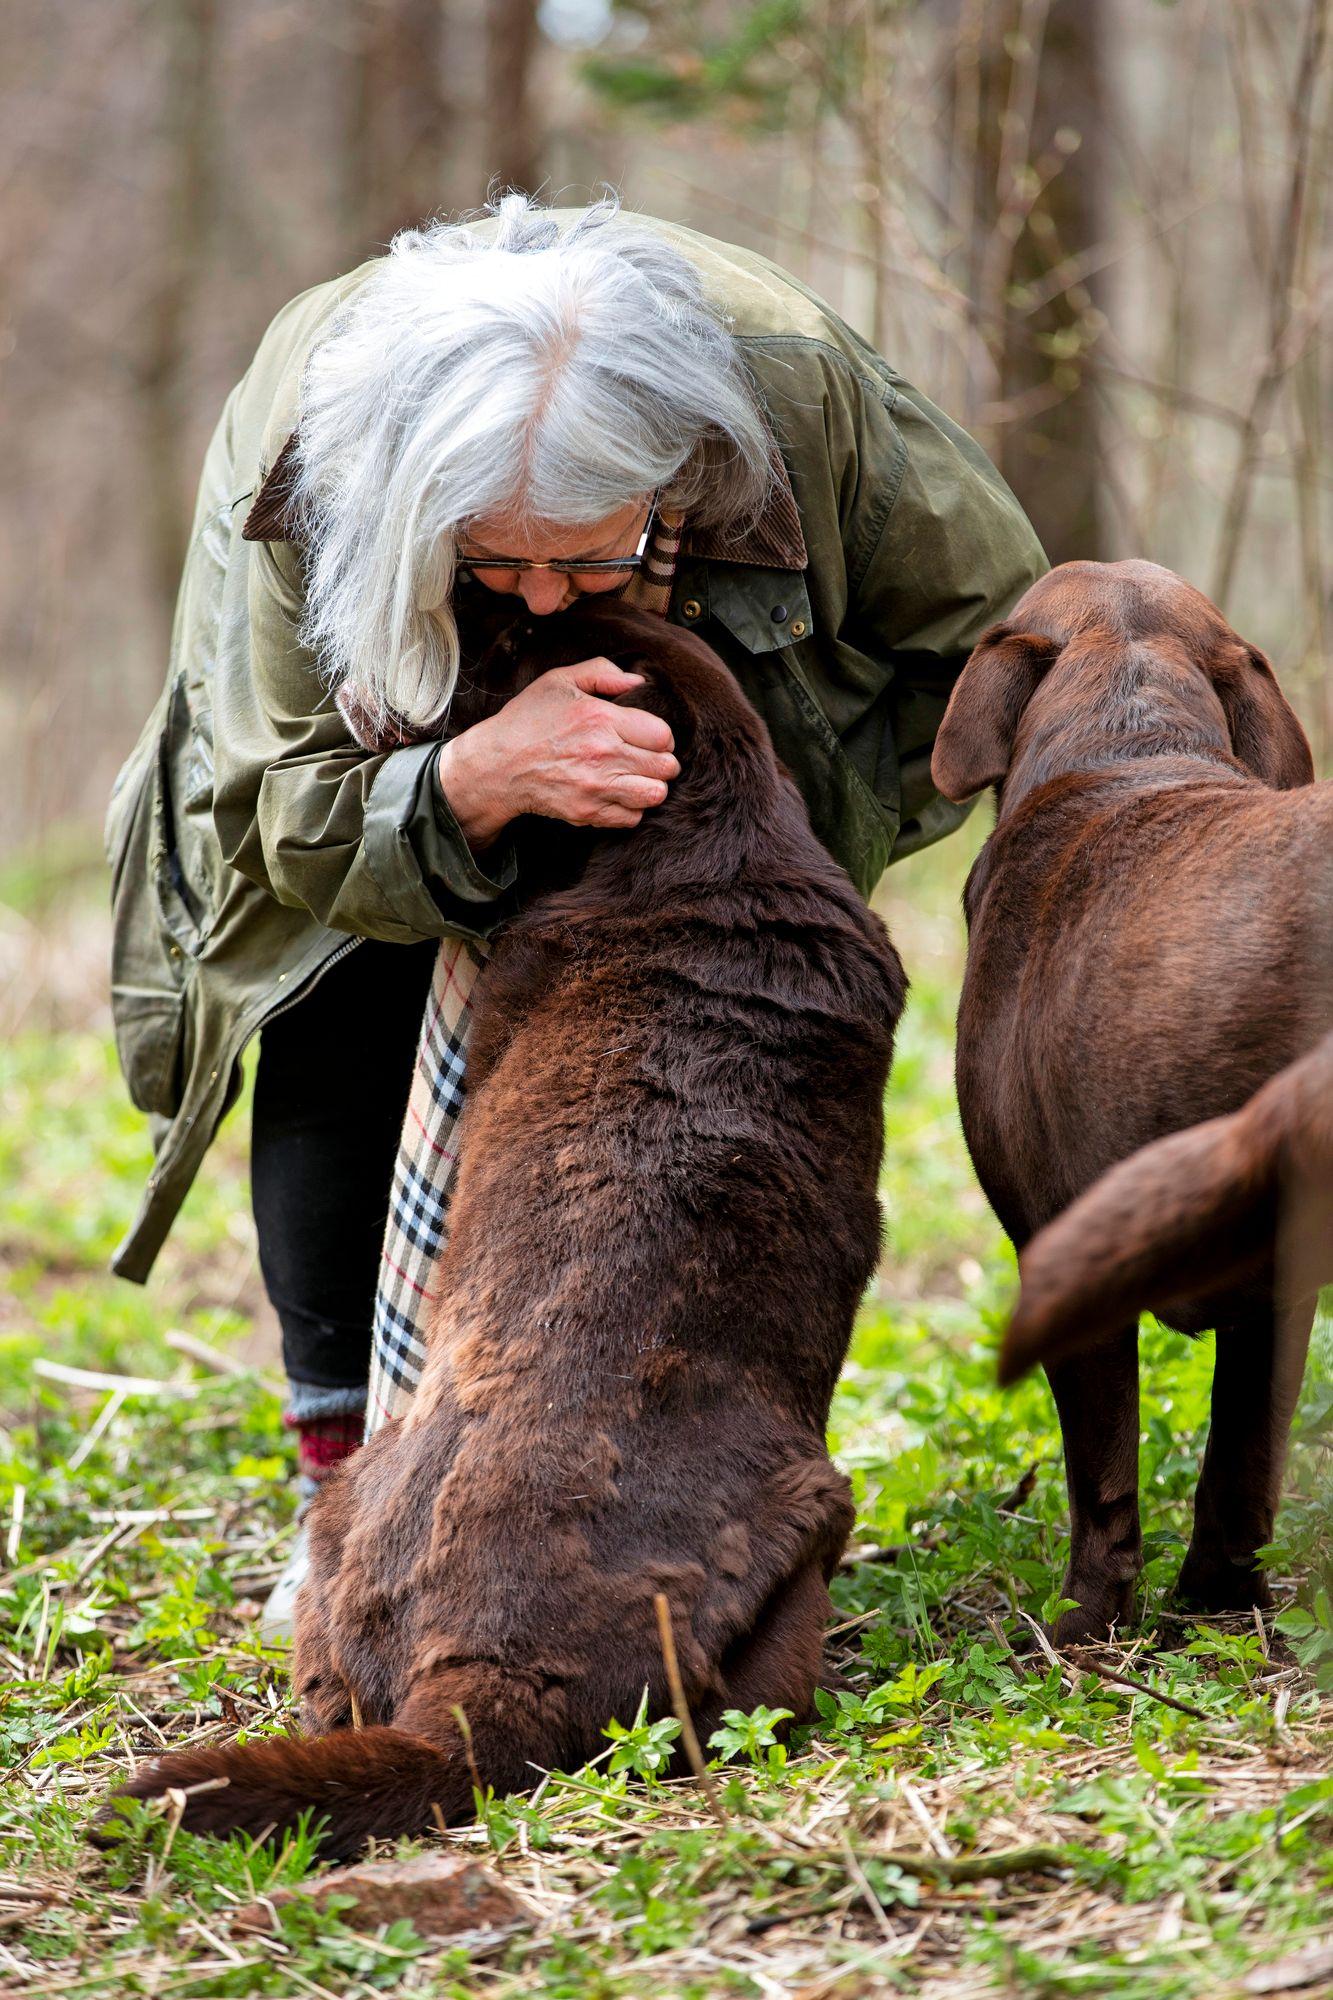 Koirat Bru, Caffe, Omppu, Leo, Robin ja Lizzie ovat Anna-Liisan ja hänen Rudi-miehensä perheenjäseniä. © Tommi Tuomi